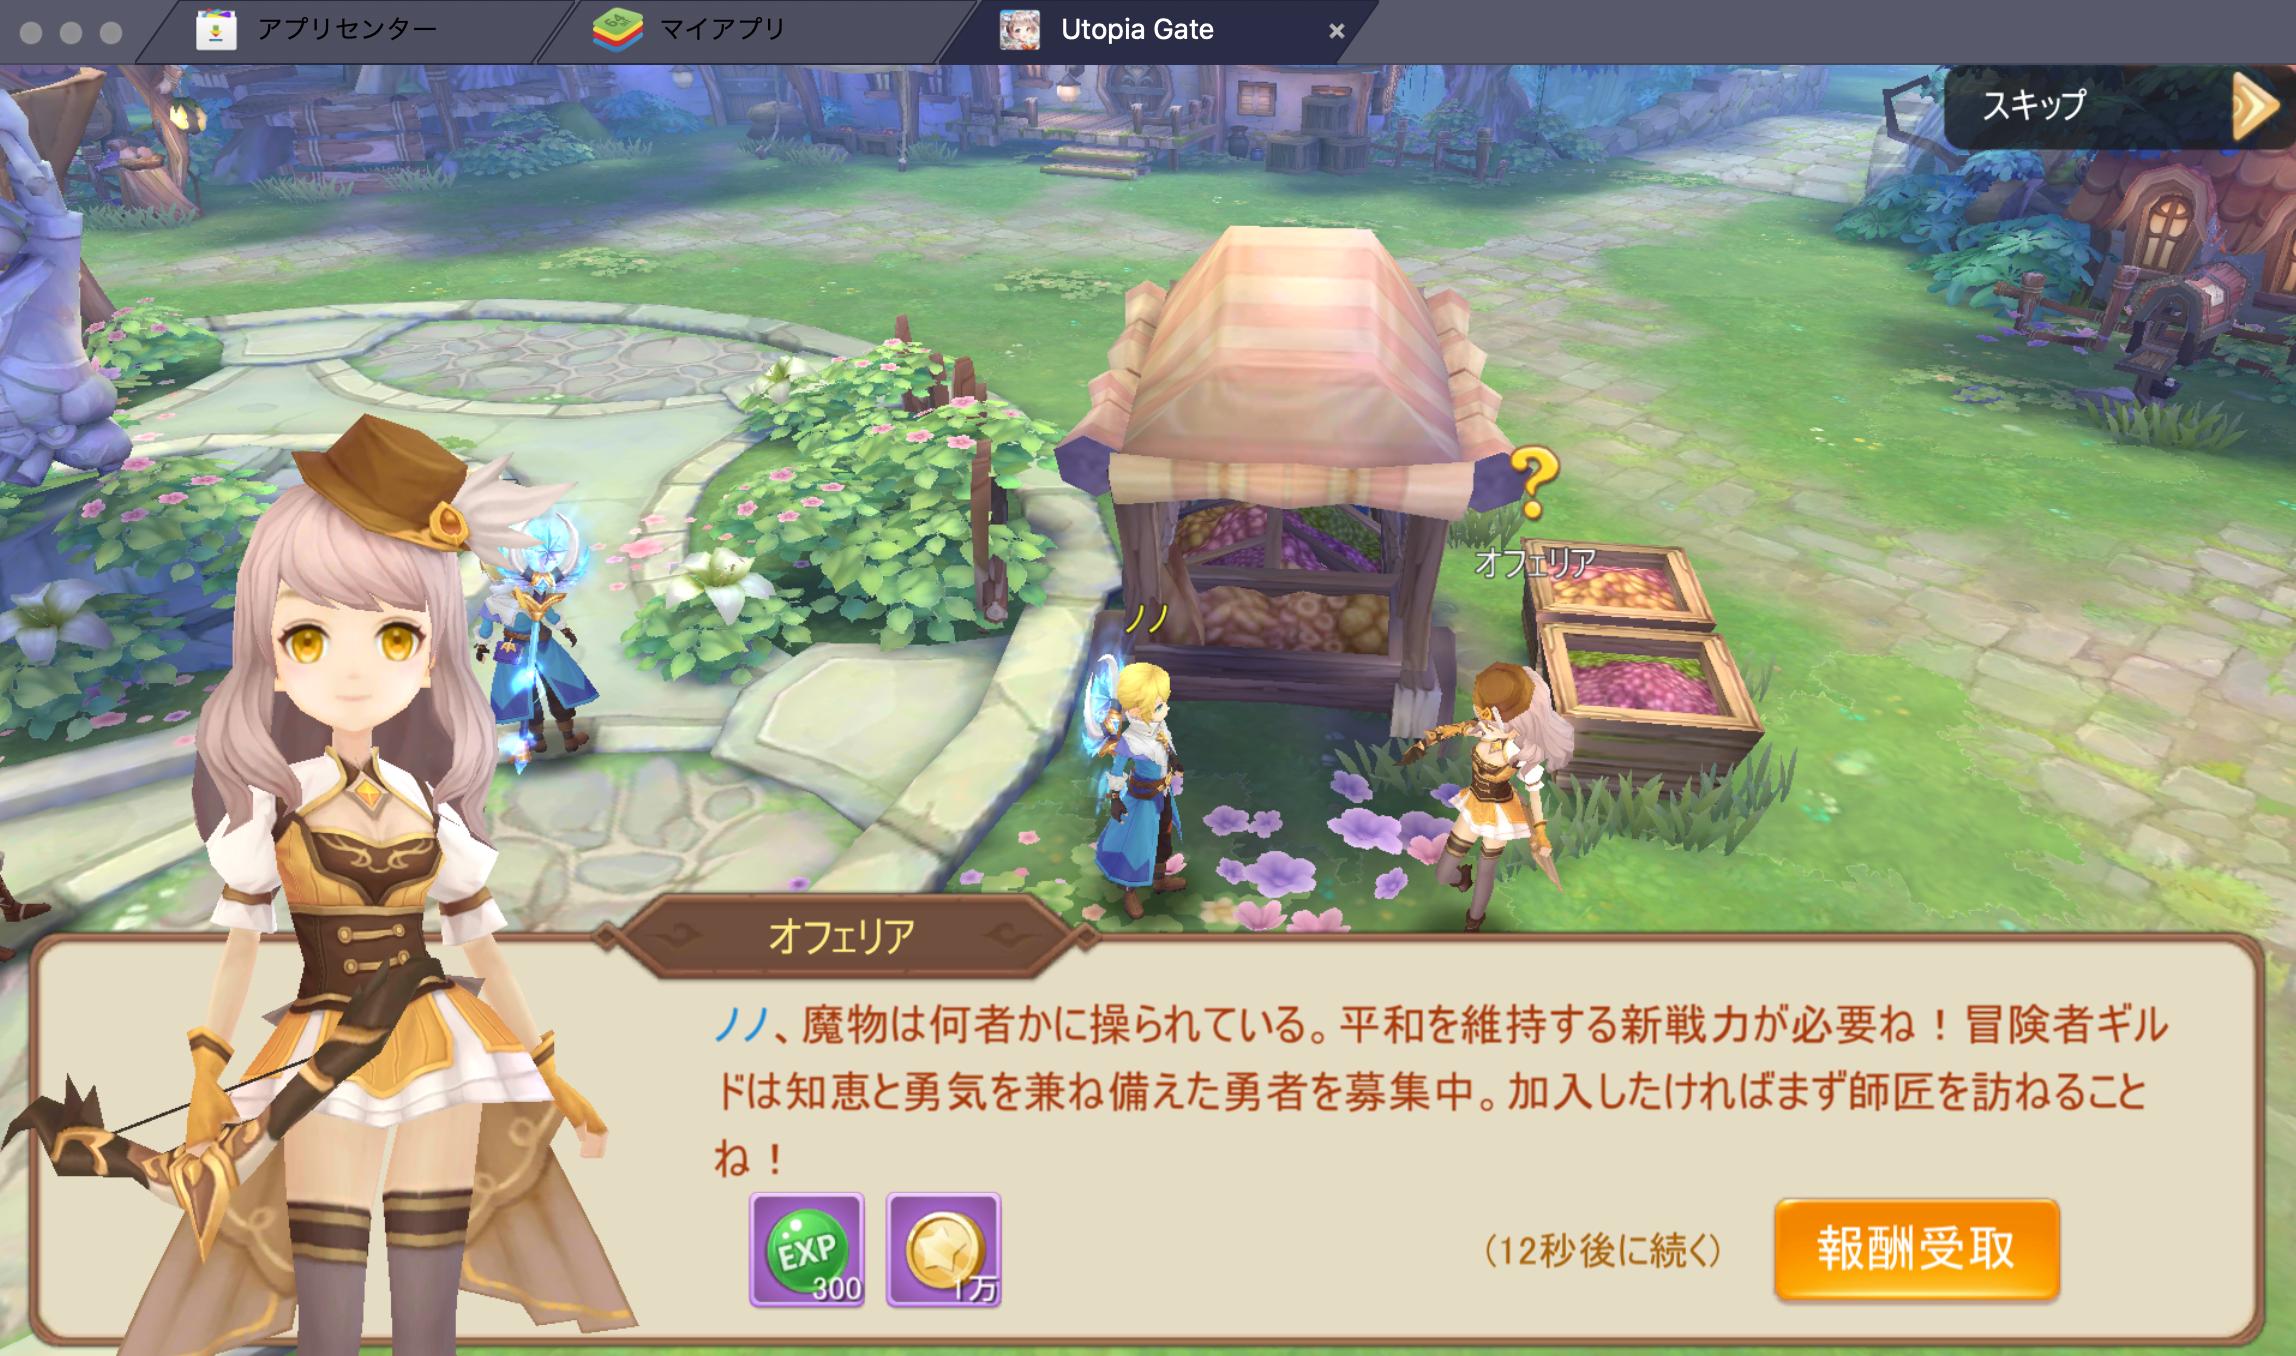 BlueStacksを使ってPC上で『ユートピア・ゲート~双子の女神と未来へのつばさ~』を遊ぼう